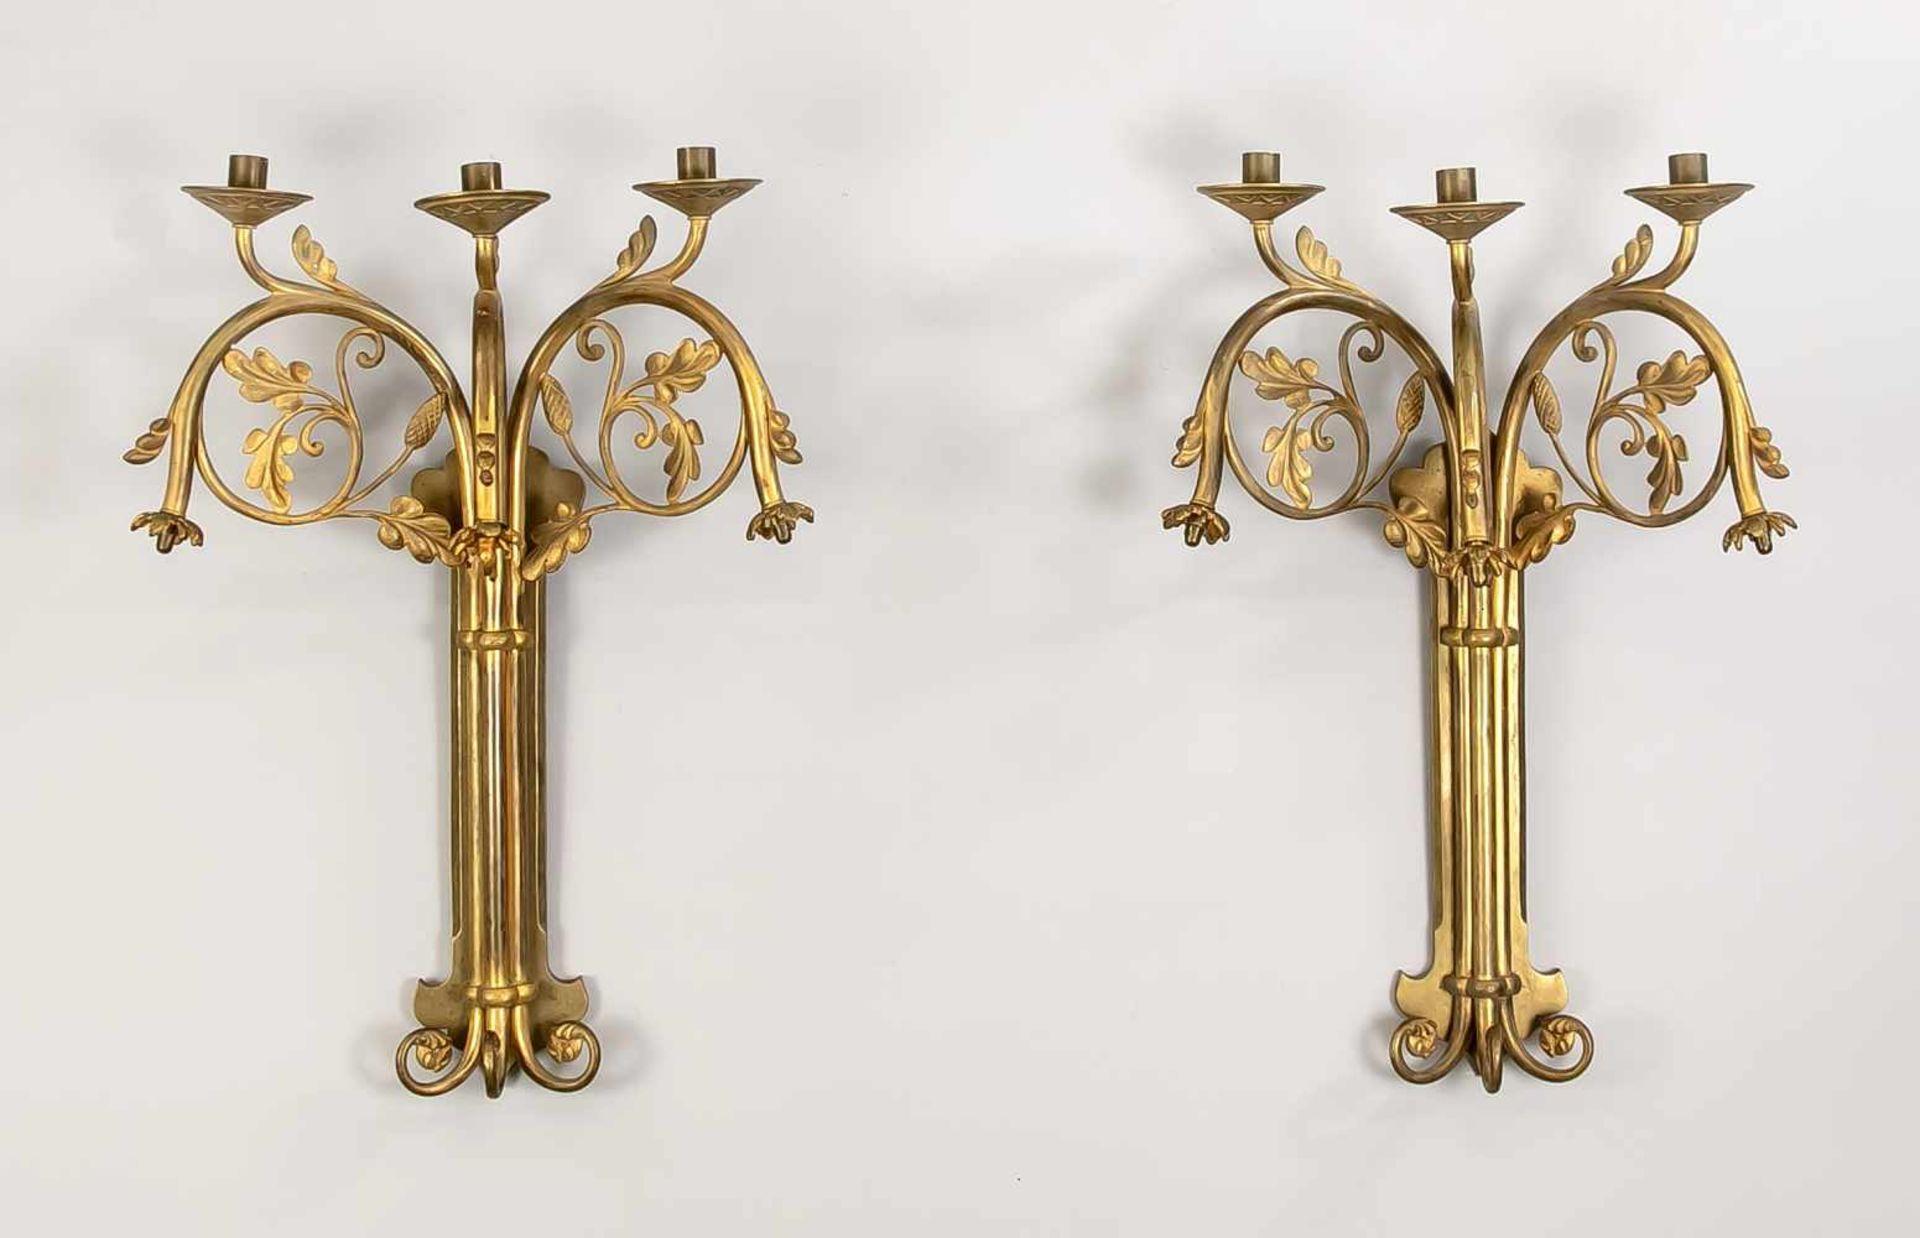 Paar Wandappliken, Ende 19. Jh., Bronze mit REstvergoldung. Passig geschweifte